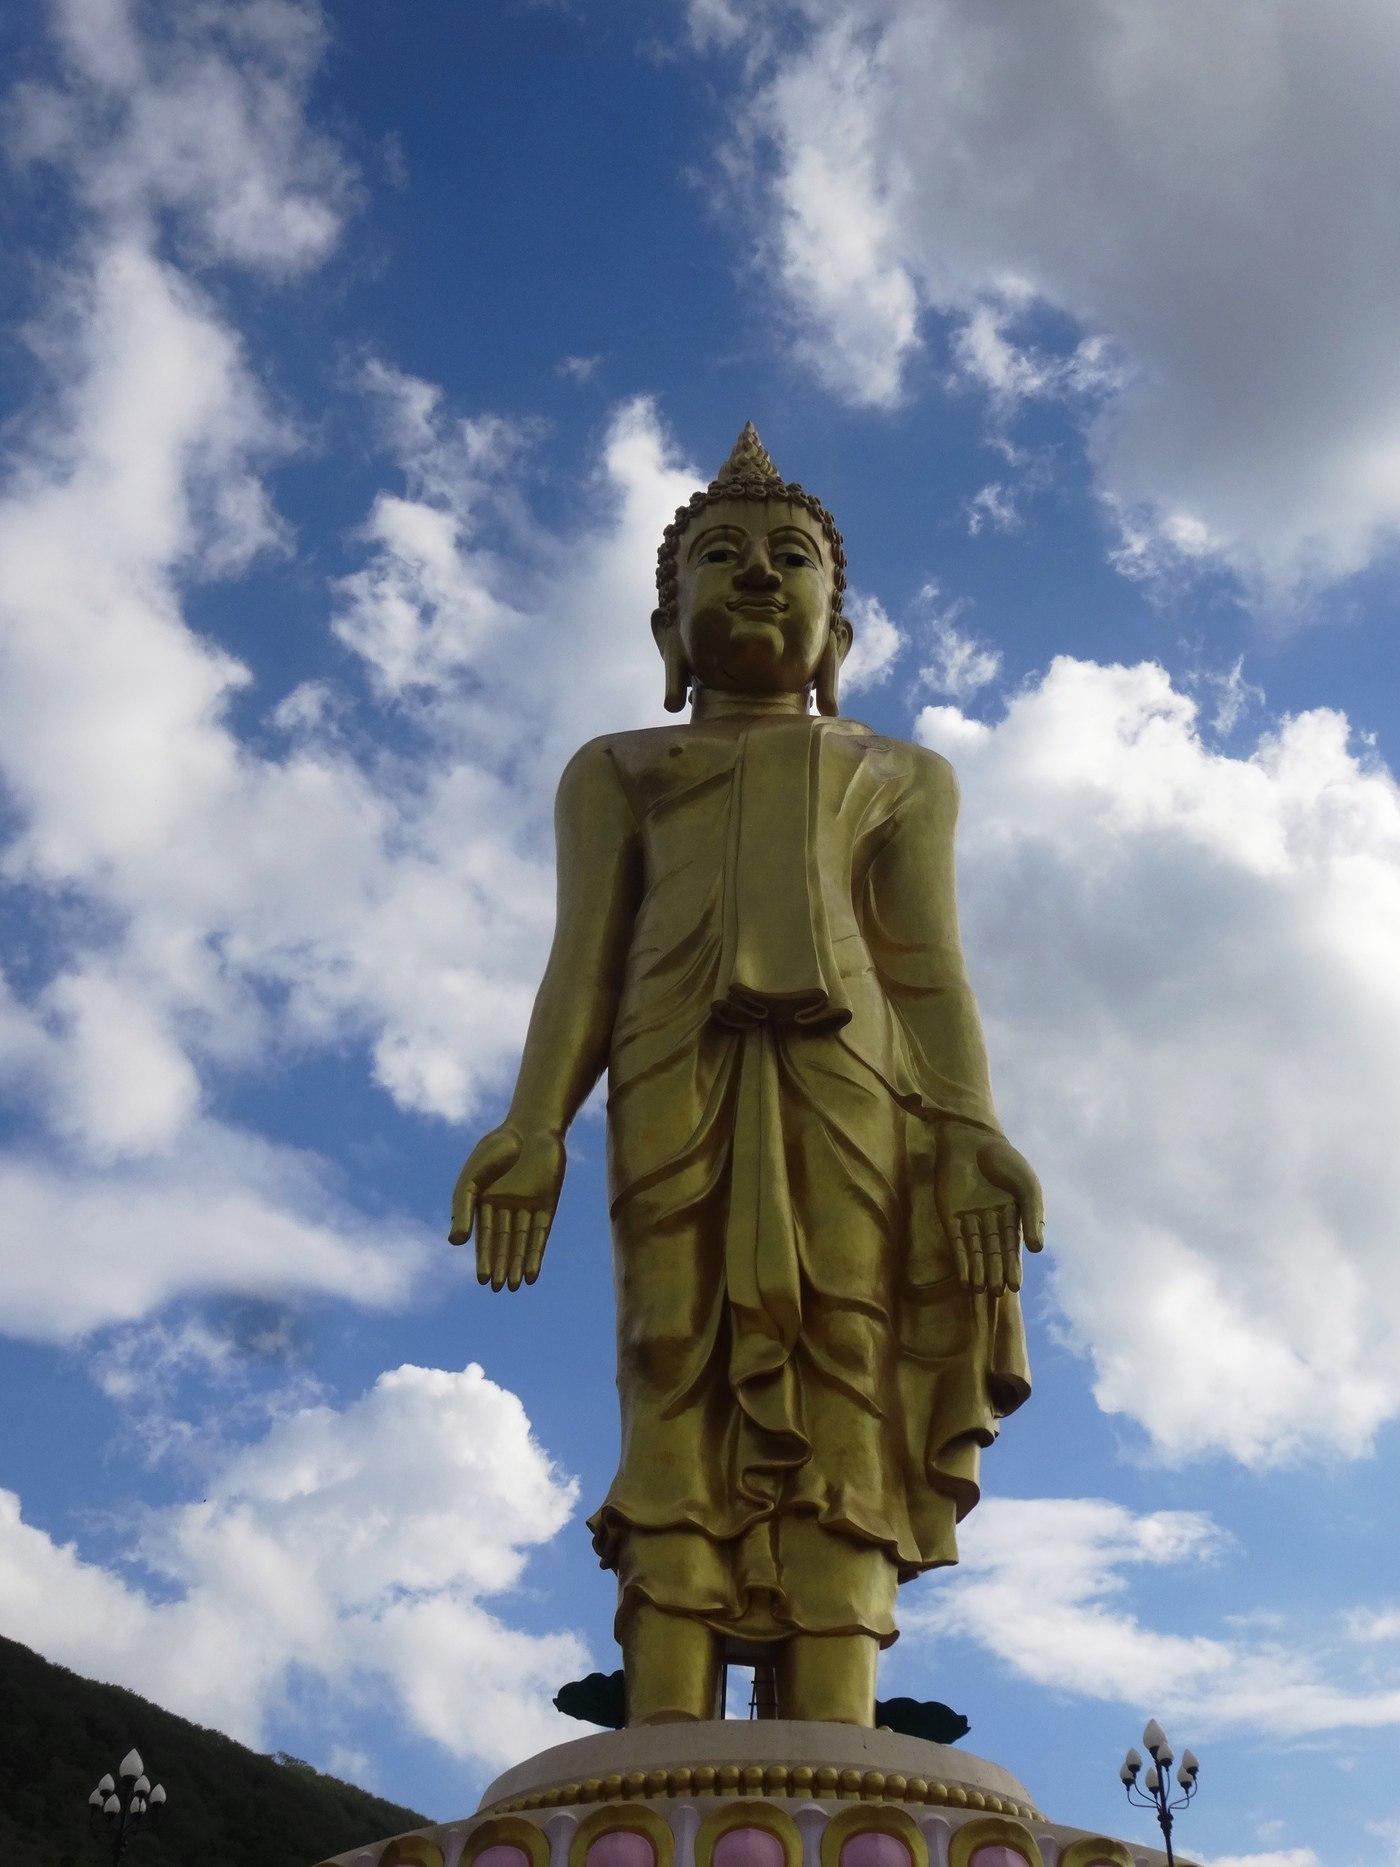 Giant Buddha and Sky 4